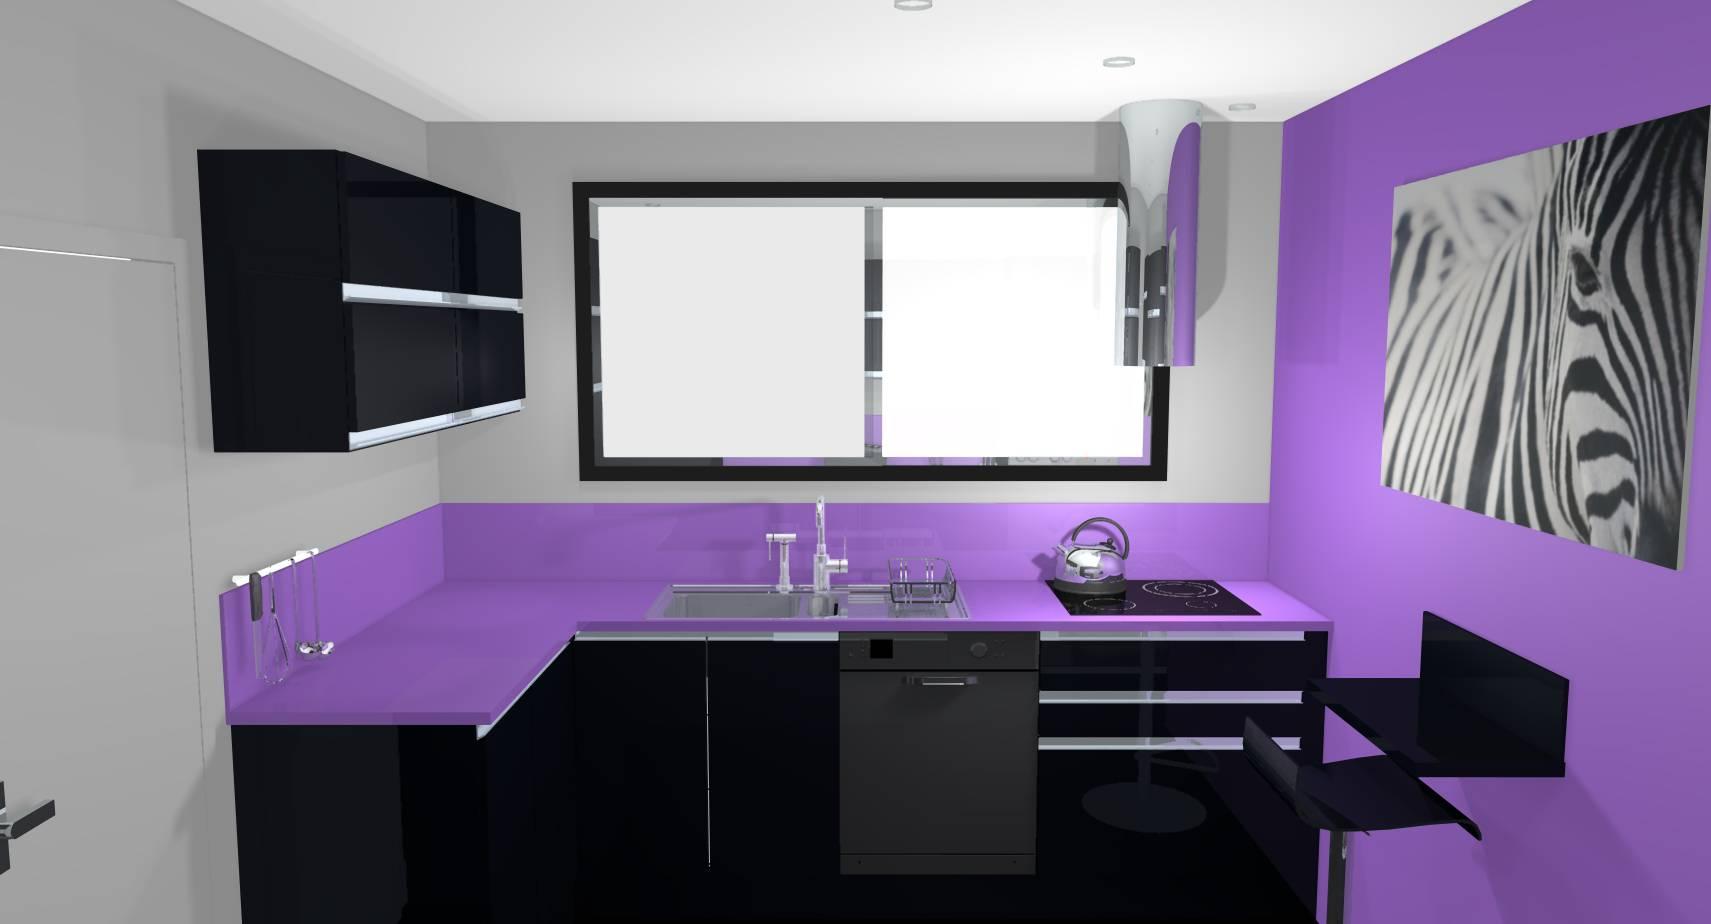 Cuisine Moderne Couleur Violet conception et agencement d'une cuisine haute en couleur à